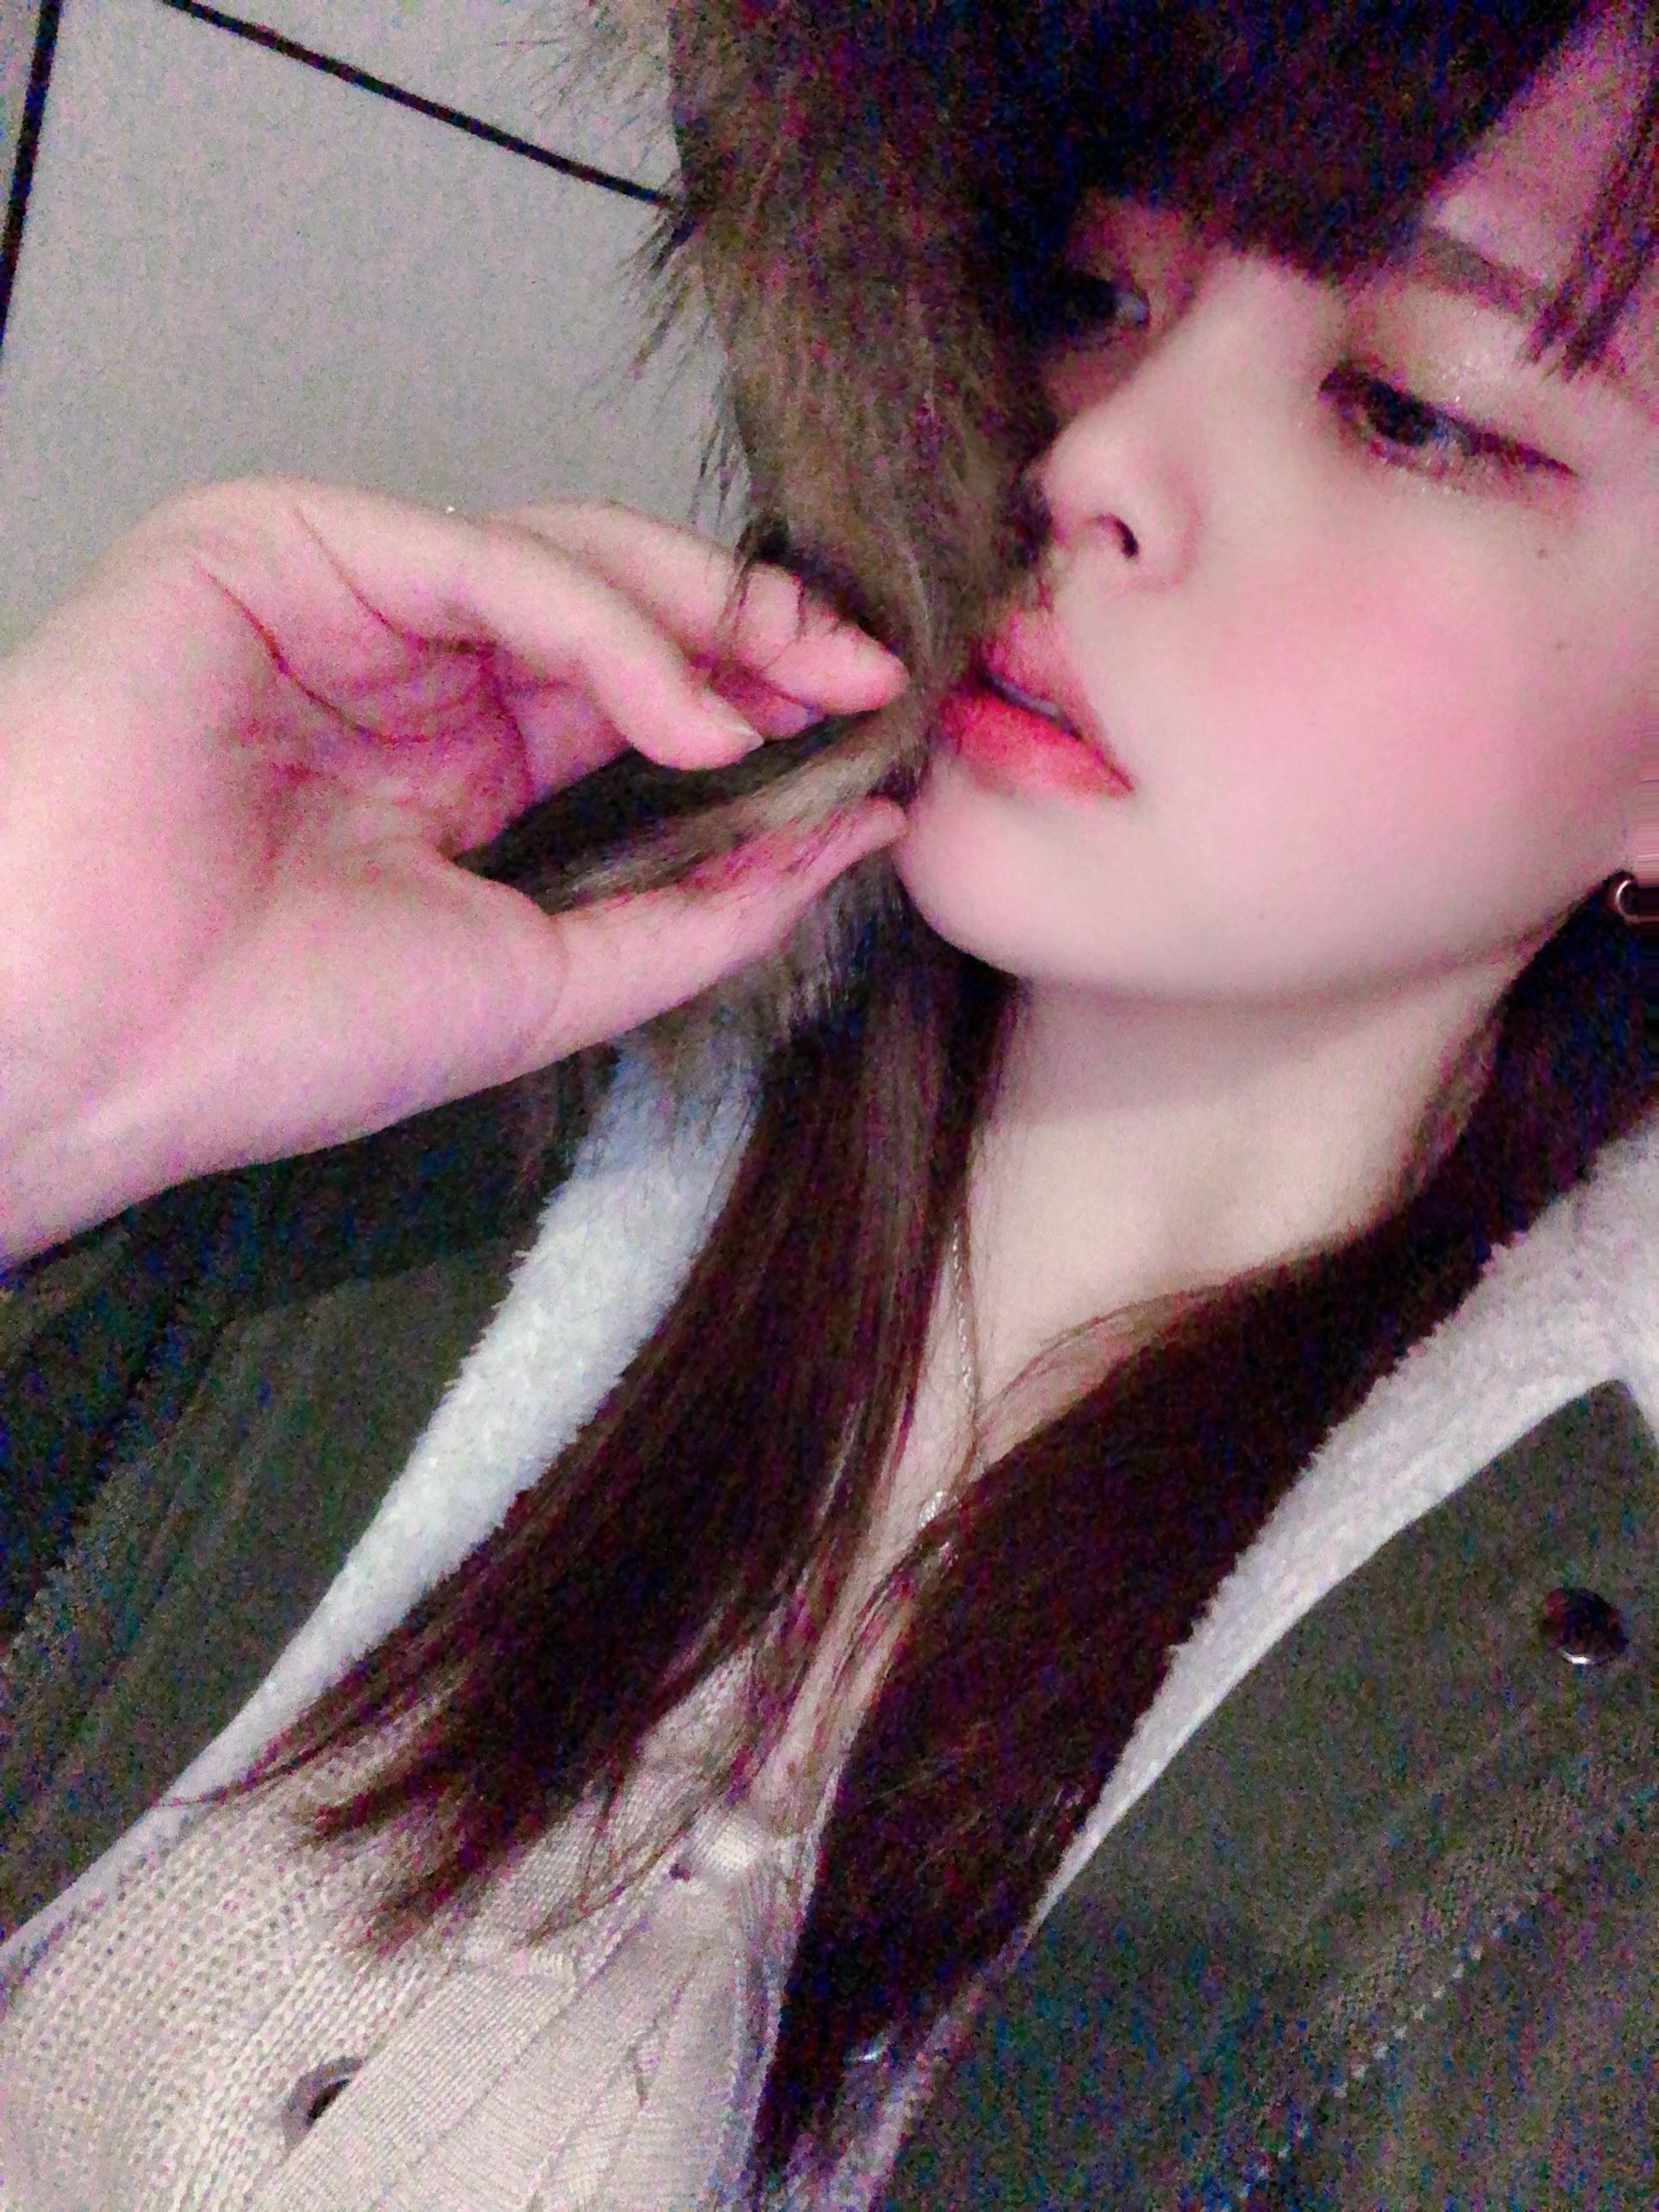 「( 」´□`)」コンバンワ~」02/21(02/21) 19:31 | りあんの写メ・風俗動画